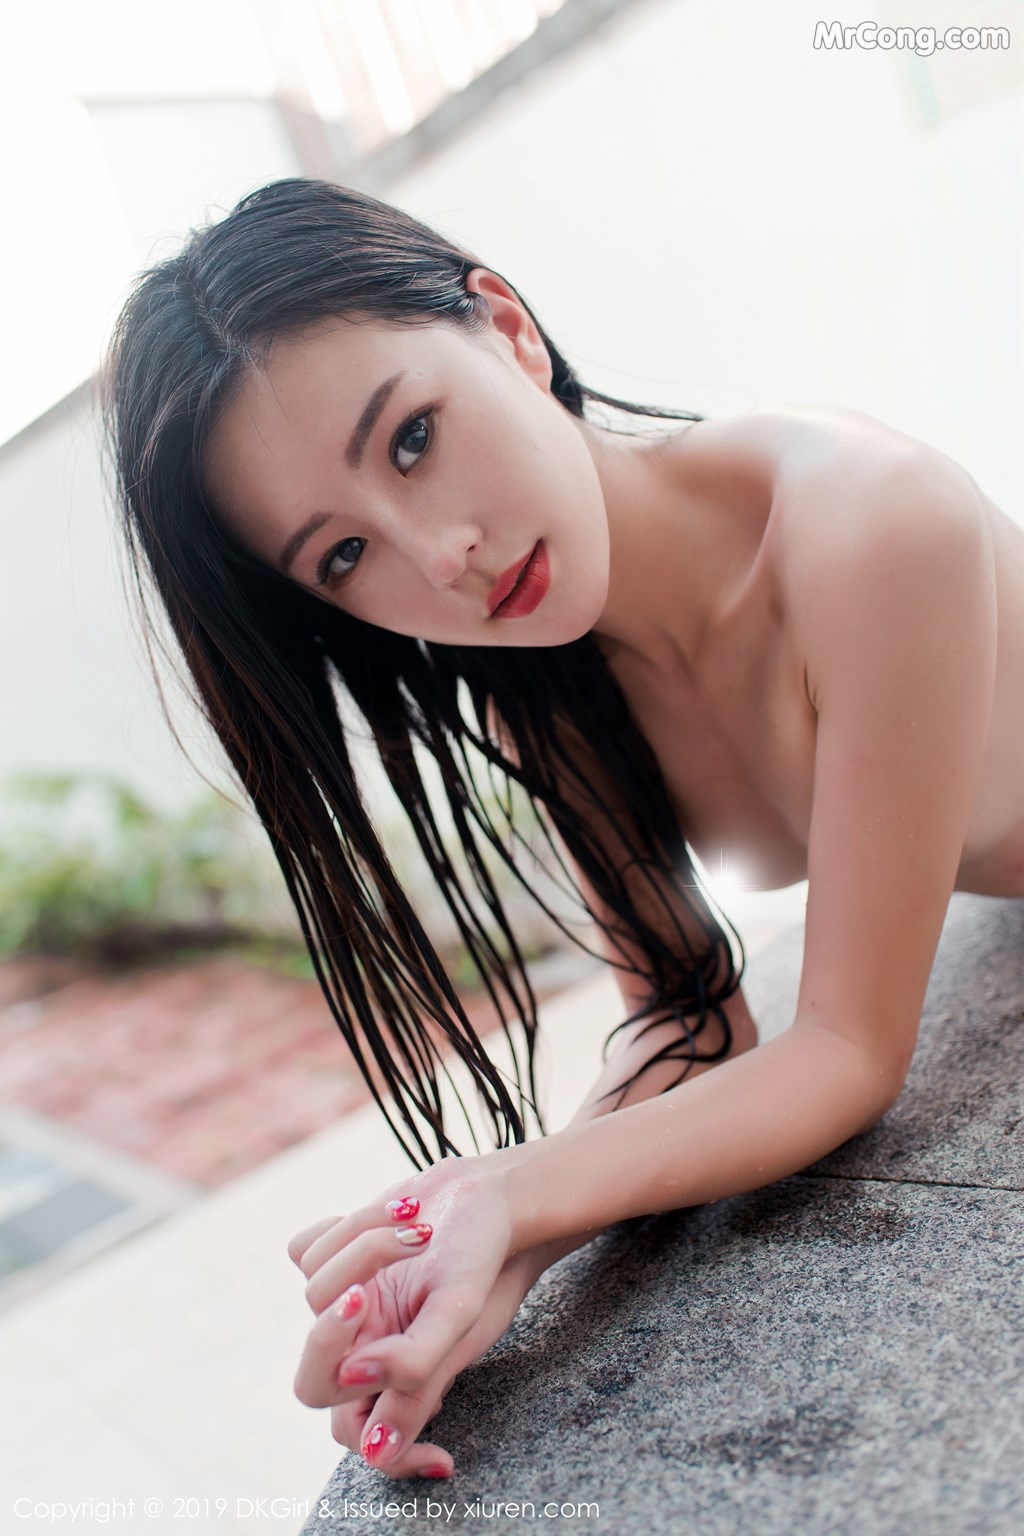 Image DKGirl-Vol.119-Alice-MrCong.com-031 in post DKGirl Vol.119: 小子怡Alice (38 ảnh)